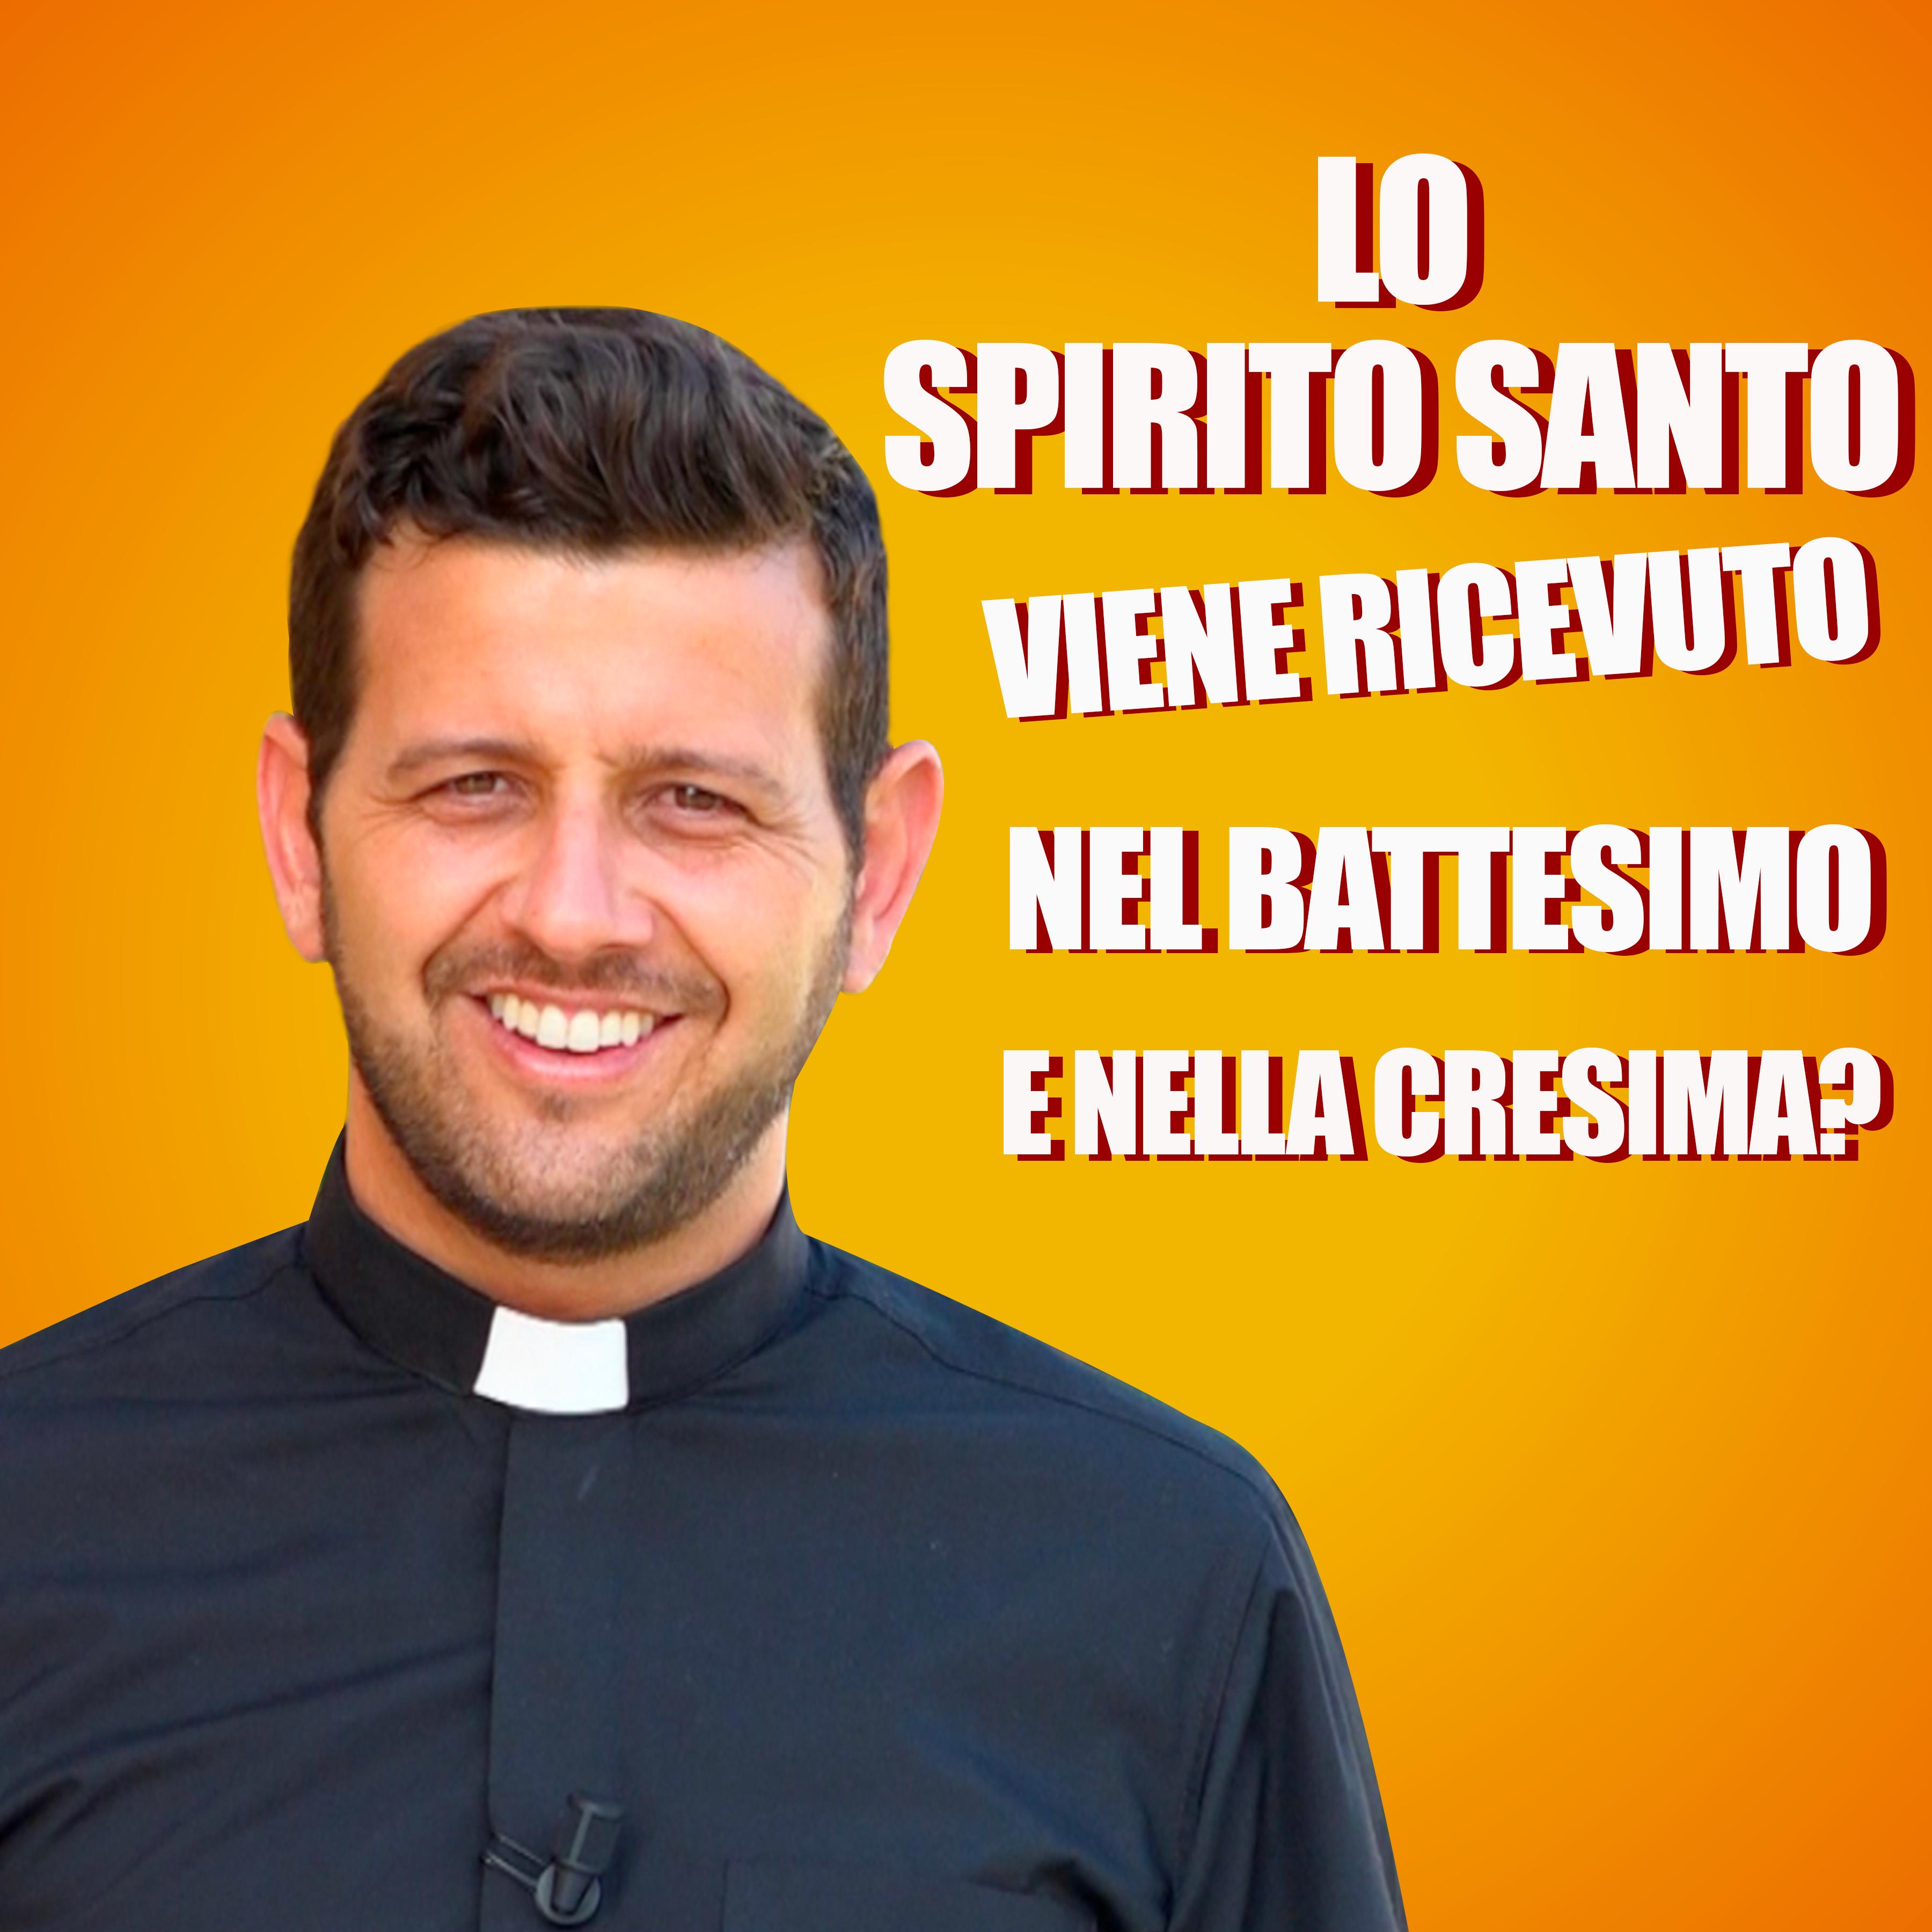 lo_spirito_santo_viene_ricevuto_nel_battesimo _e_nella_cresima